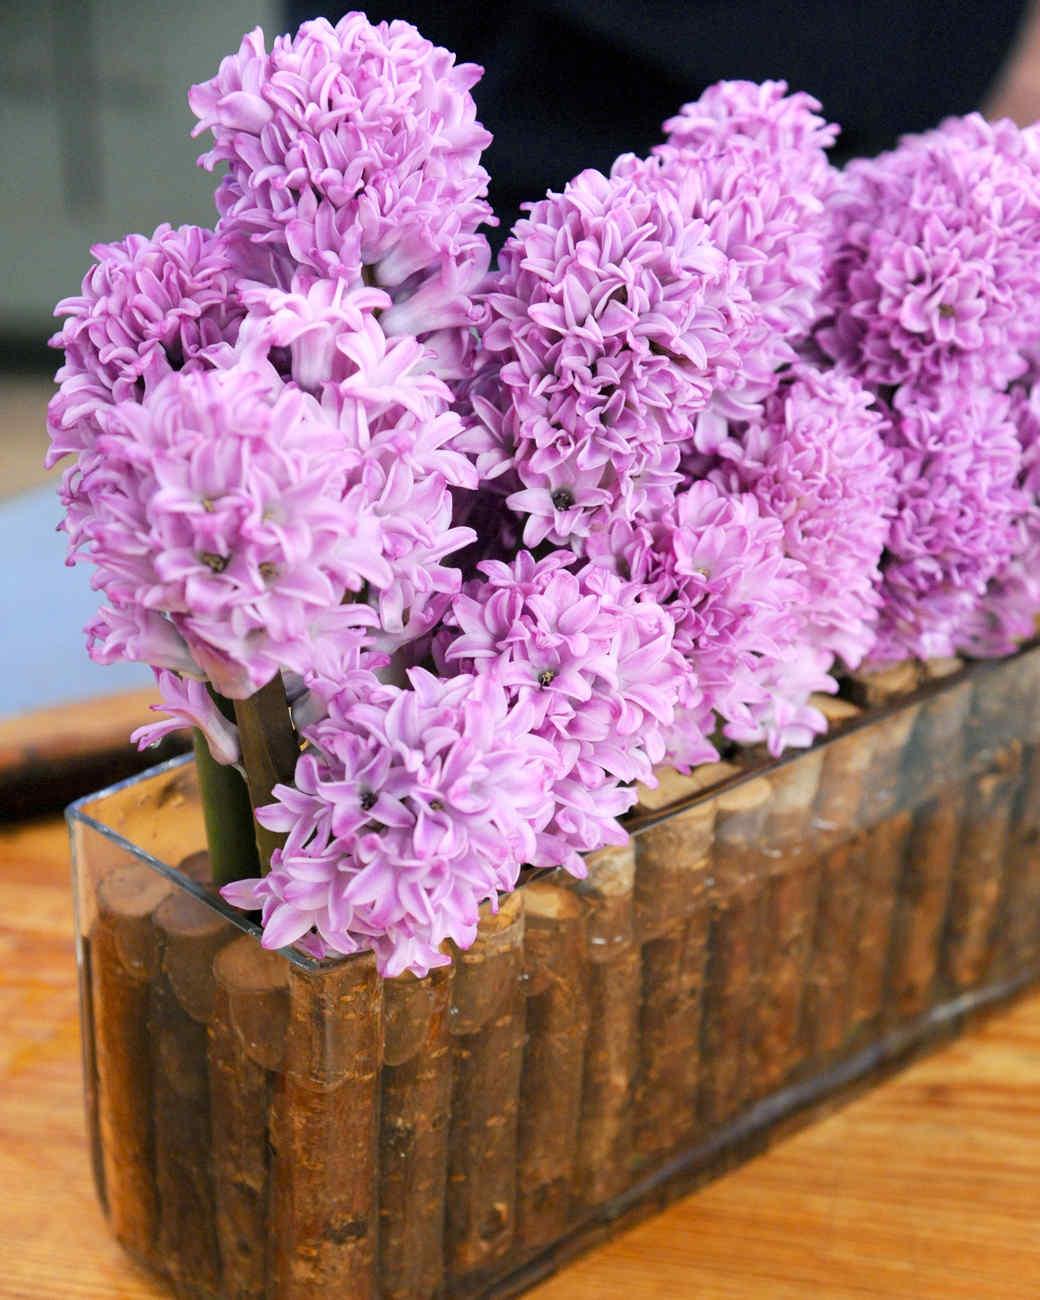 6126_033111_flowers_frog.jpg